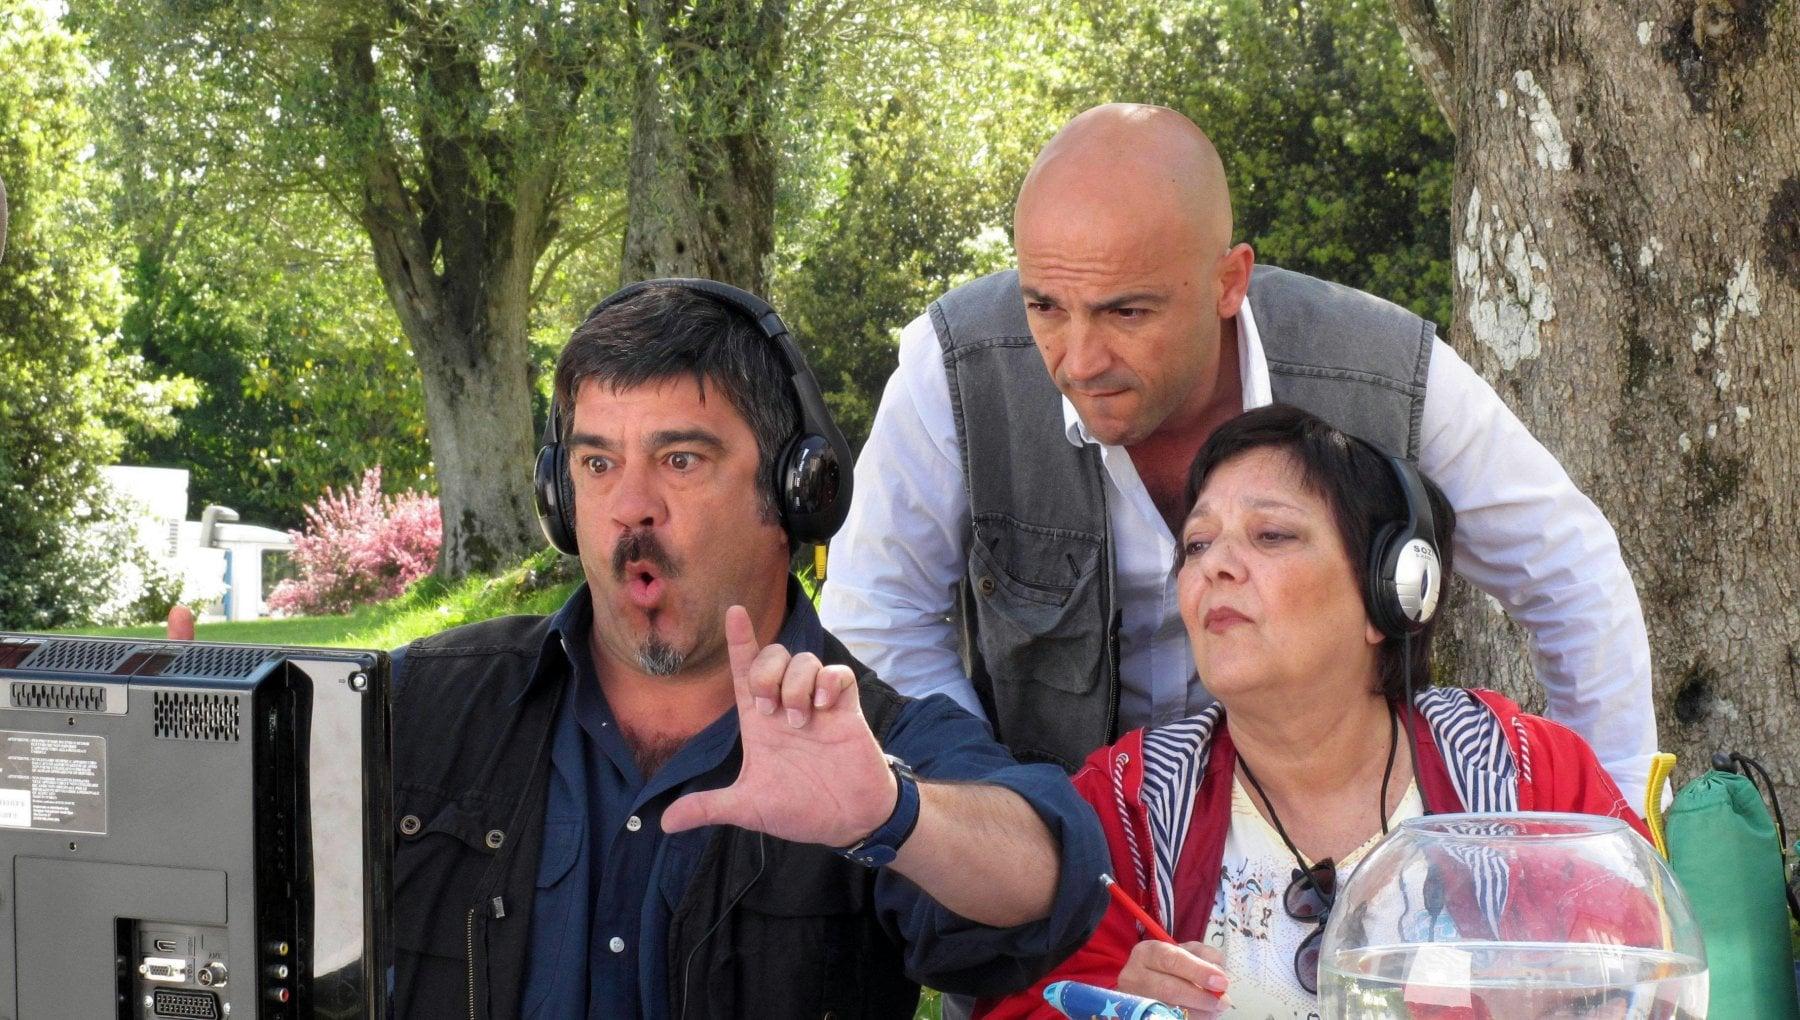 Quanti luoghi comuni nel chiacchiericcio del cinema italiano